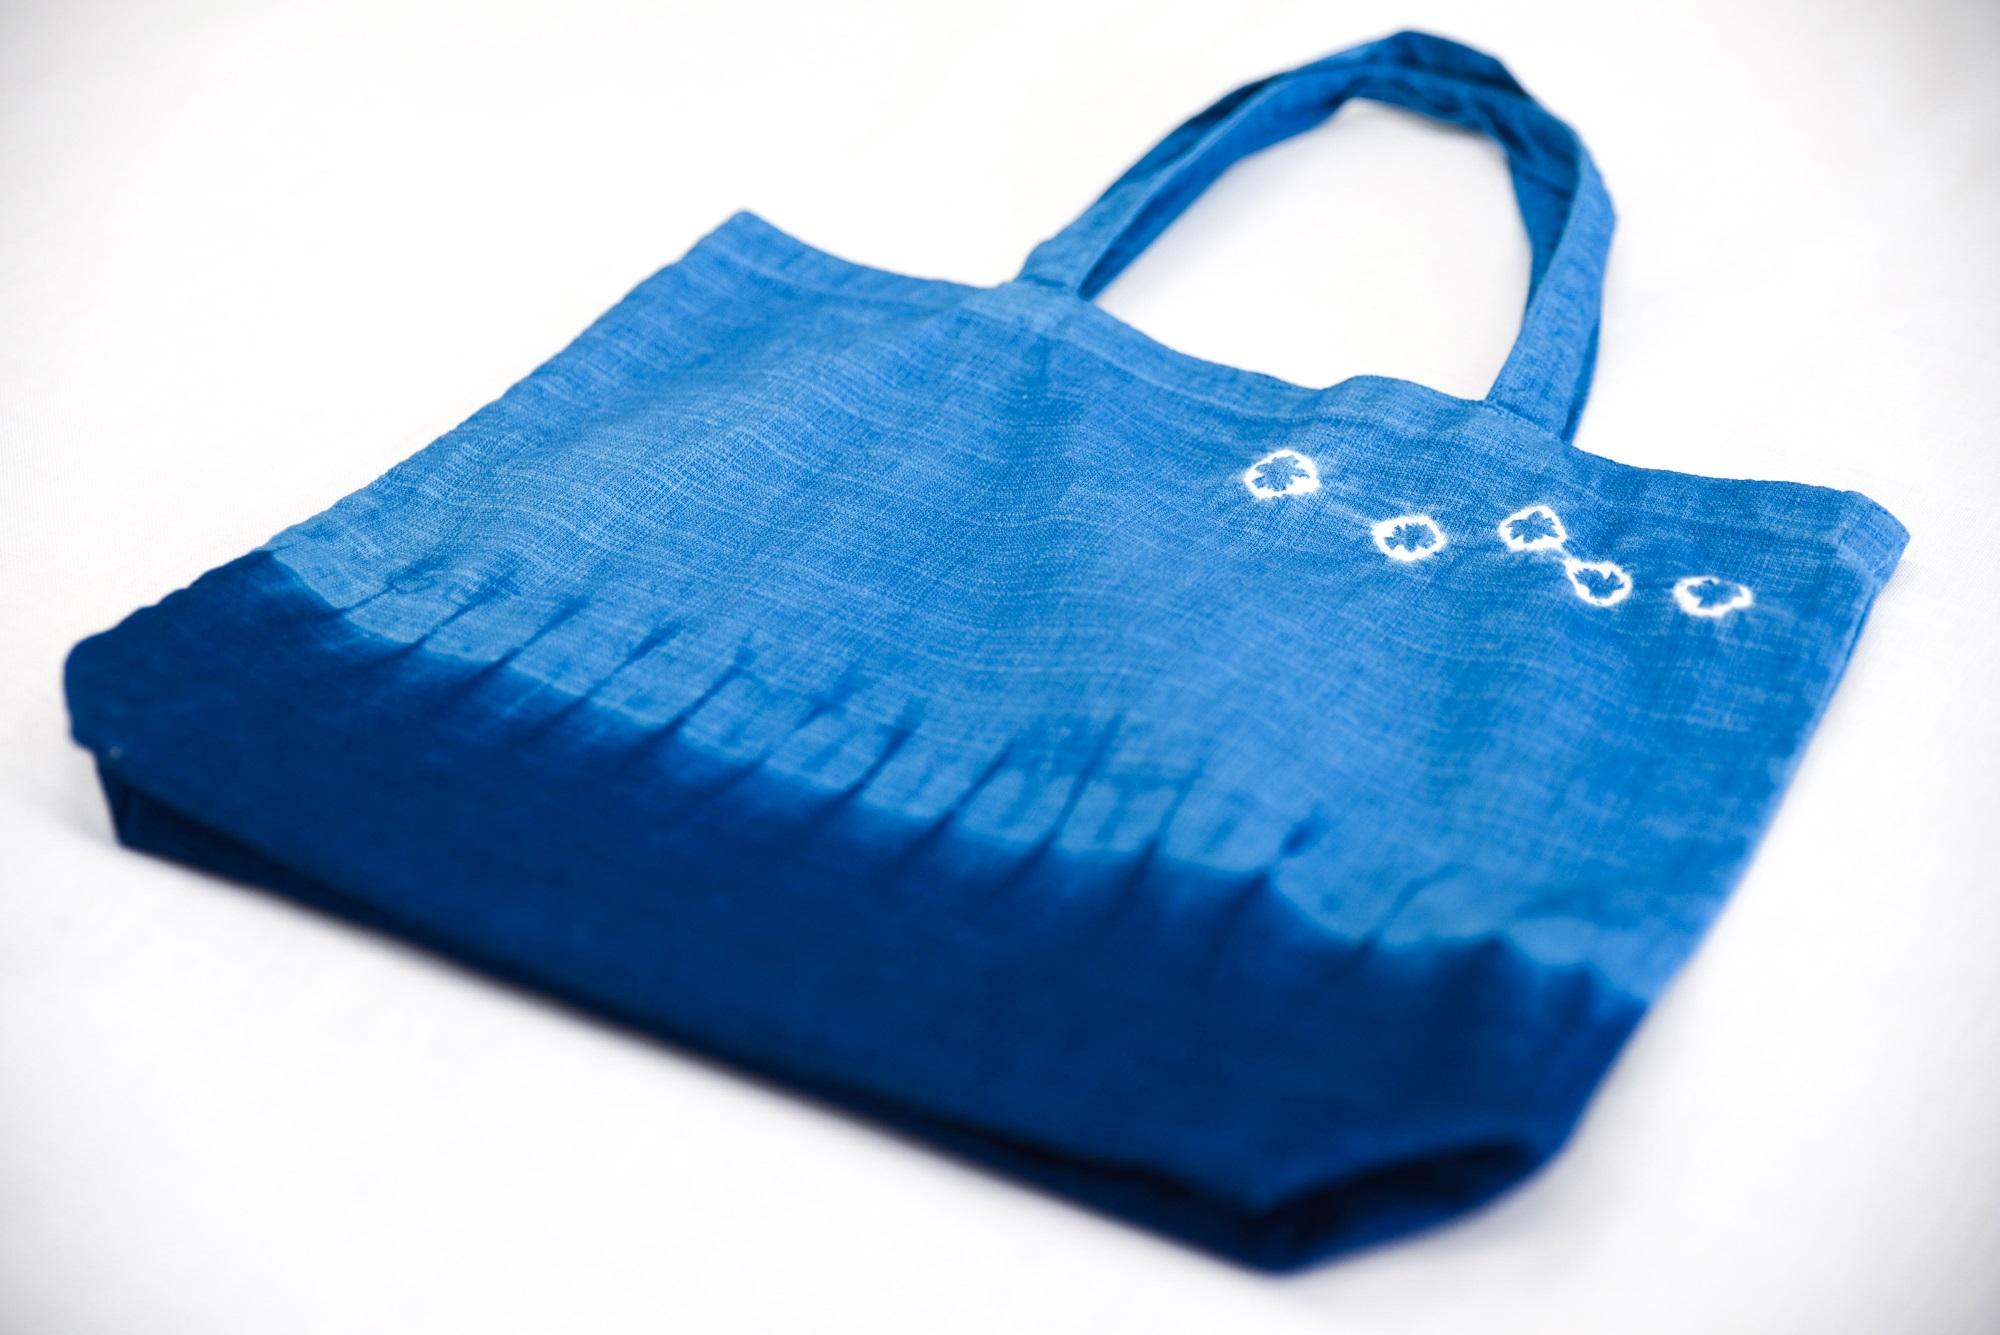 藍色のふるさと上板町で藍染体験エコバッグ&新鮮な藍の生葉を使った生葉染め体験